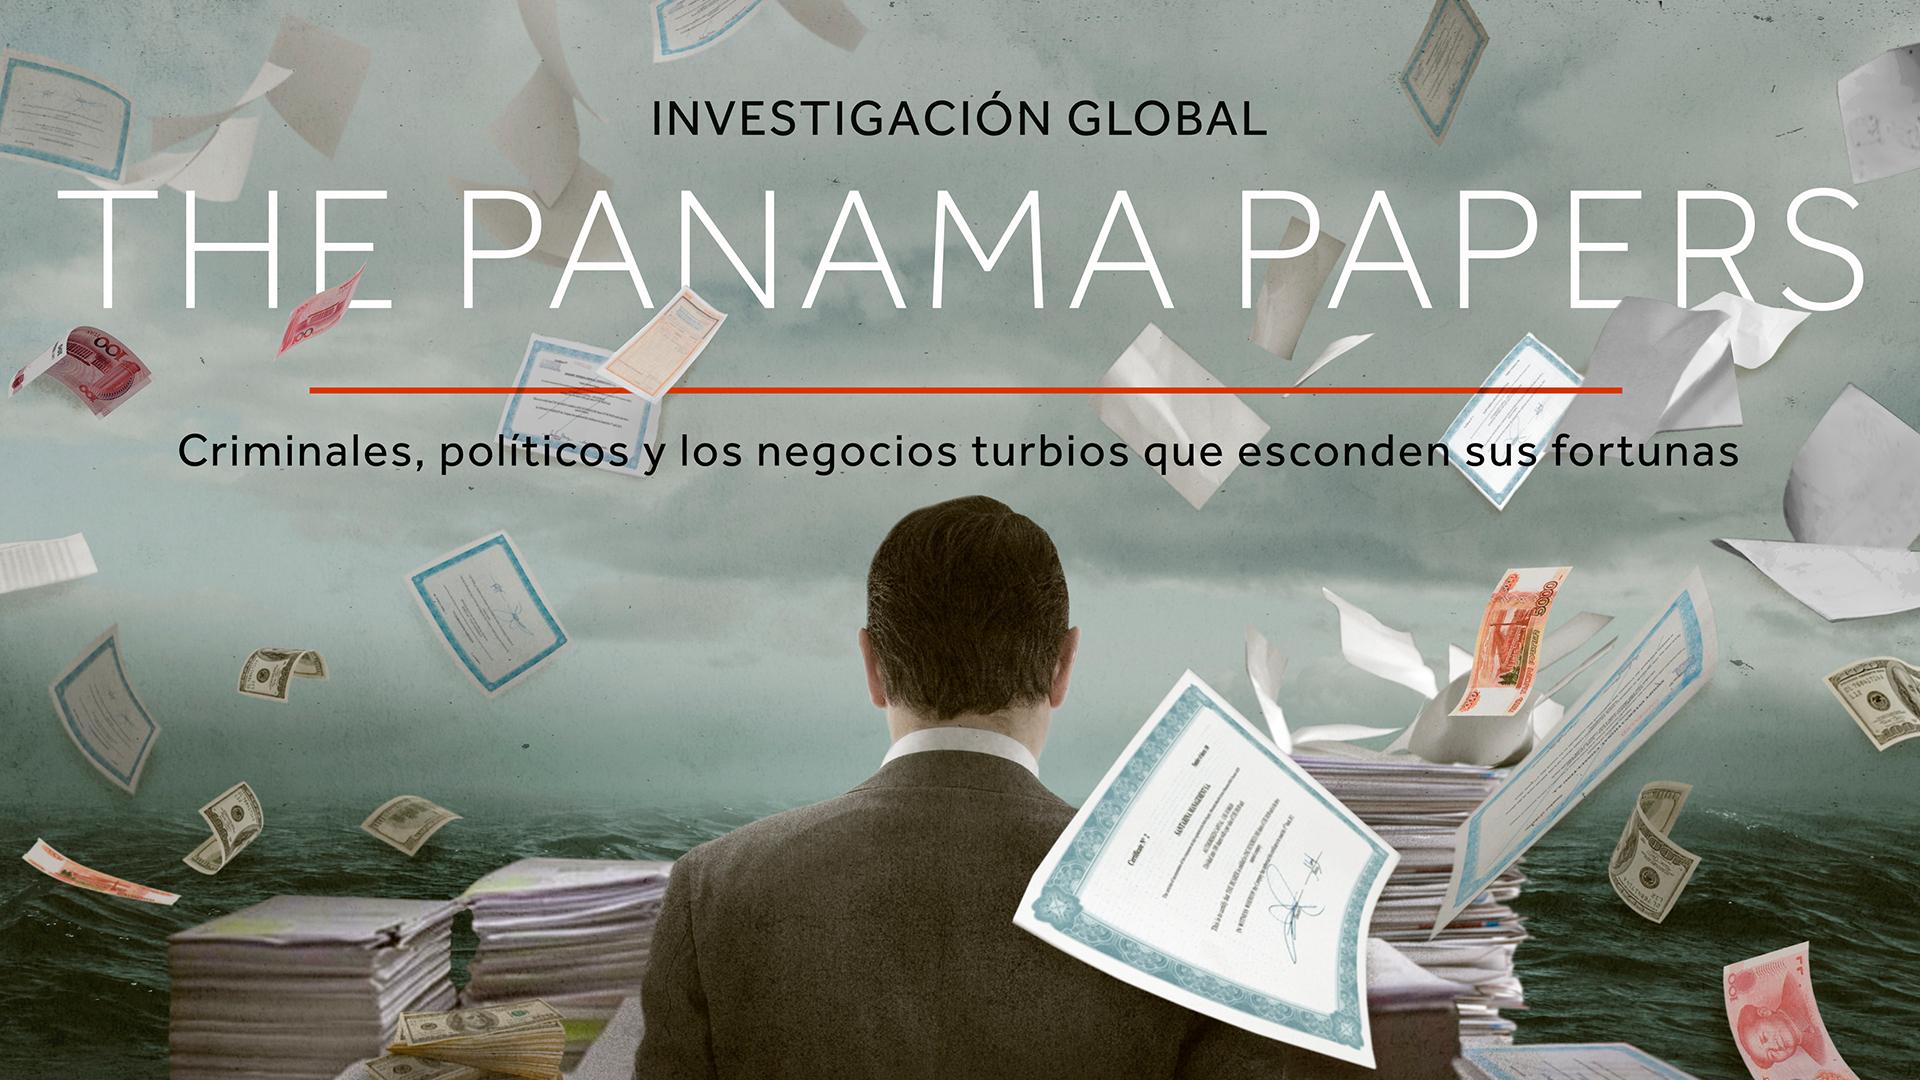 A cinco años de los Panama Papers, cuáles son las causas que siguen  abiertas en la Justicia argentina por el uso de firmas offshore - Infobae